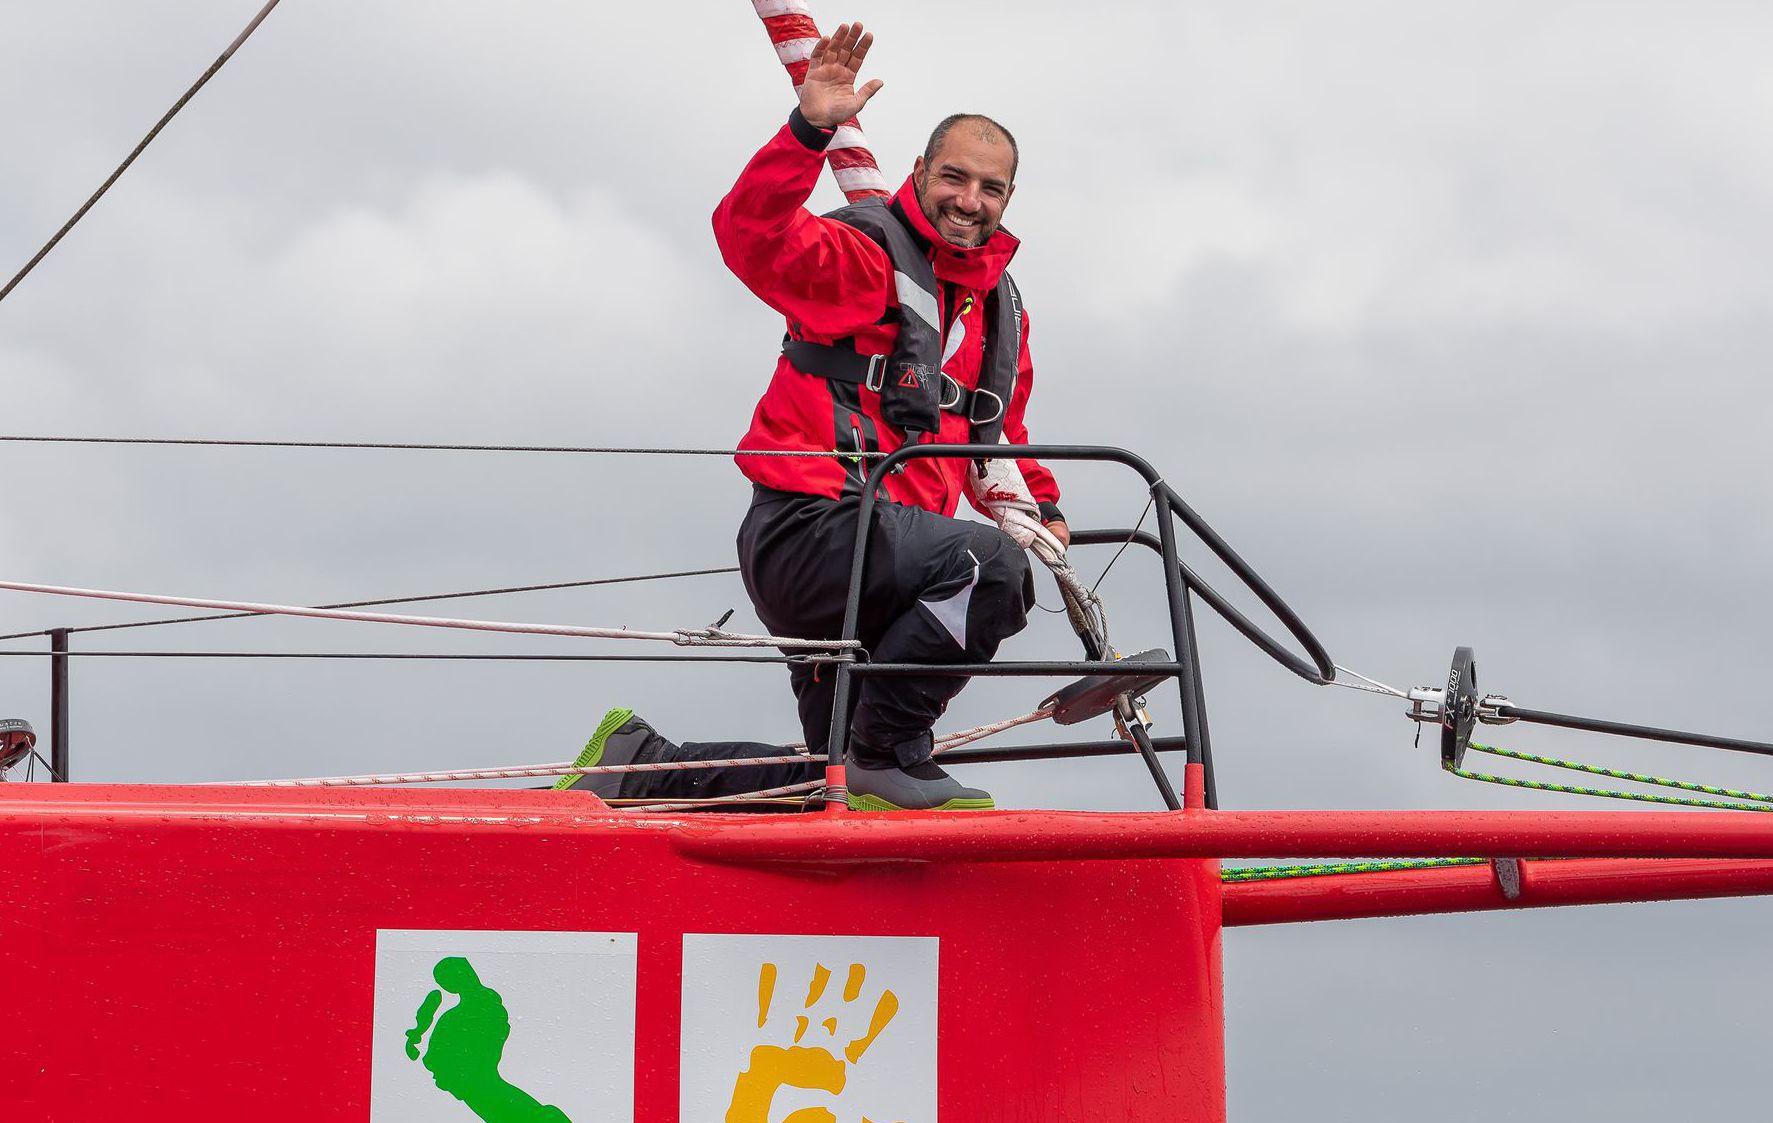 Voile - Vendée Globe - Damien Seguin, deuxième abandon sur la Vendée-Arctique-Les Sables